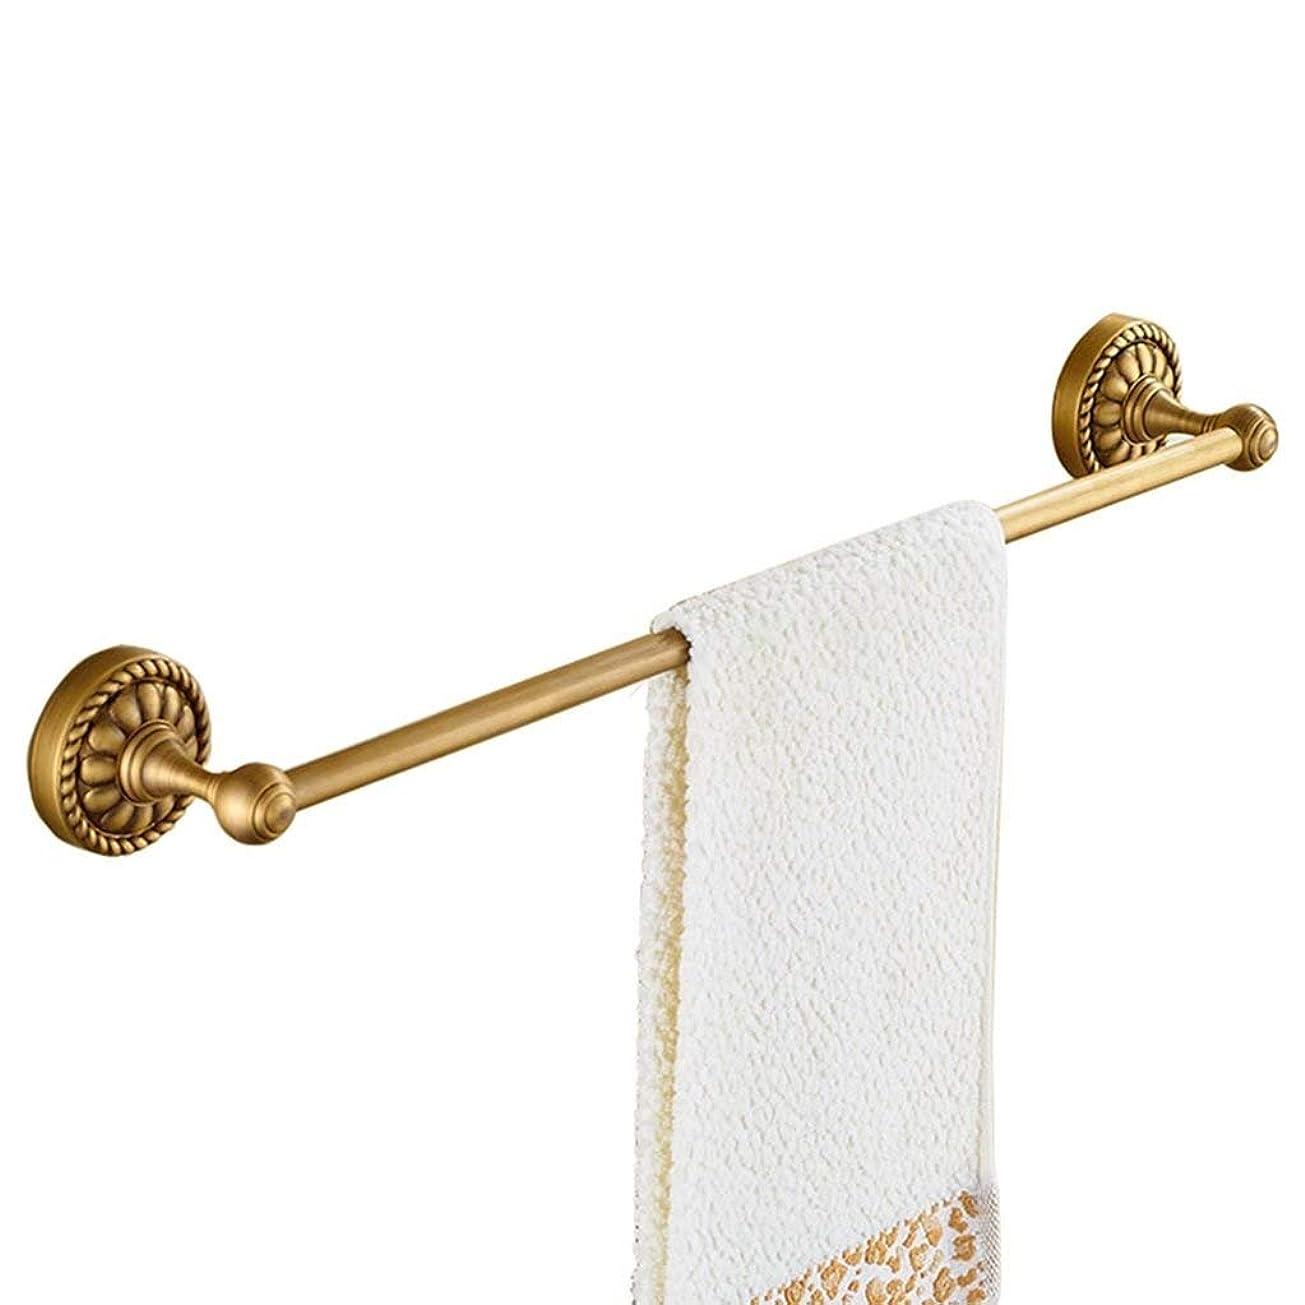 すべて滝人物バスルームシングルタオルバー、バスルームアクセサリー、壁、アンティークの装飾、多機能タオル棚を取り付けマウントネジ (Size : 50cm)